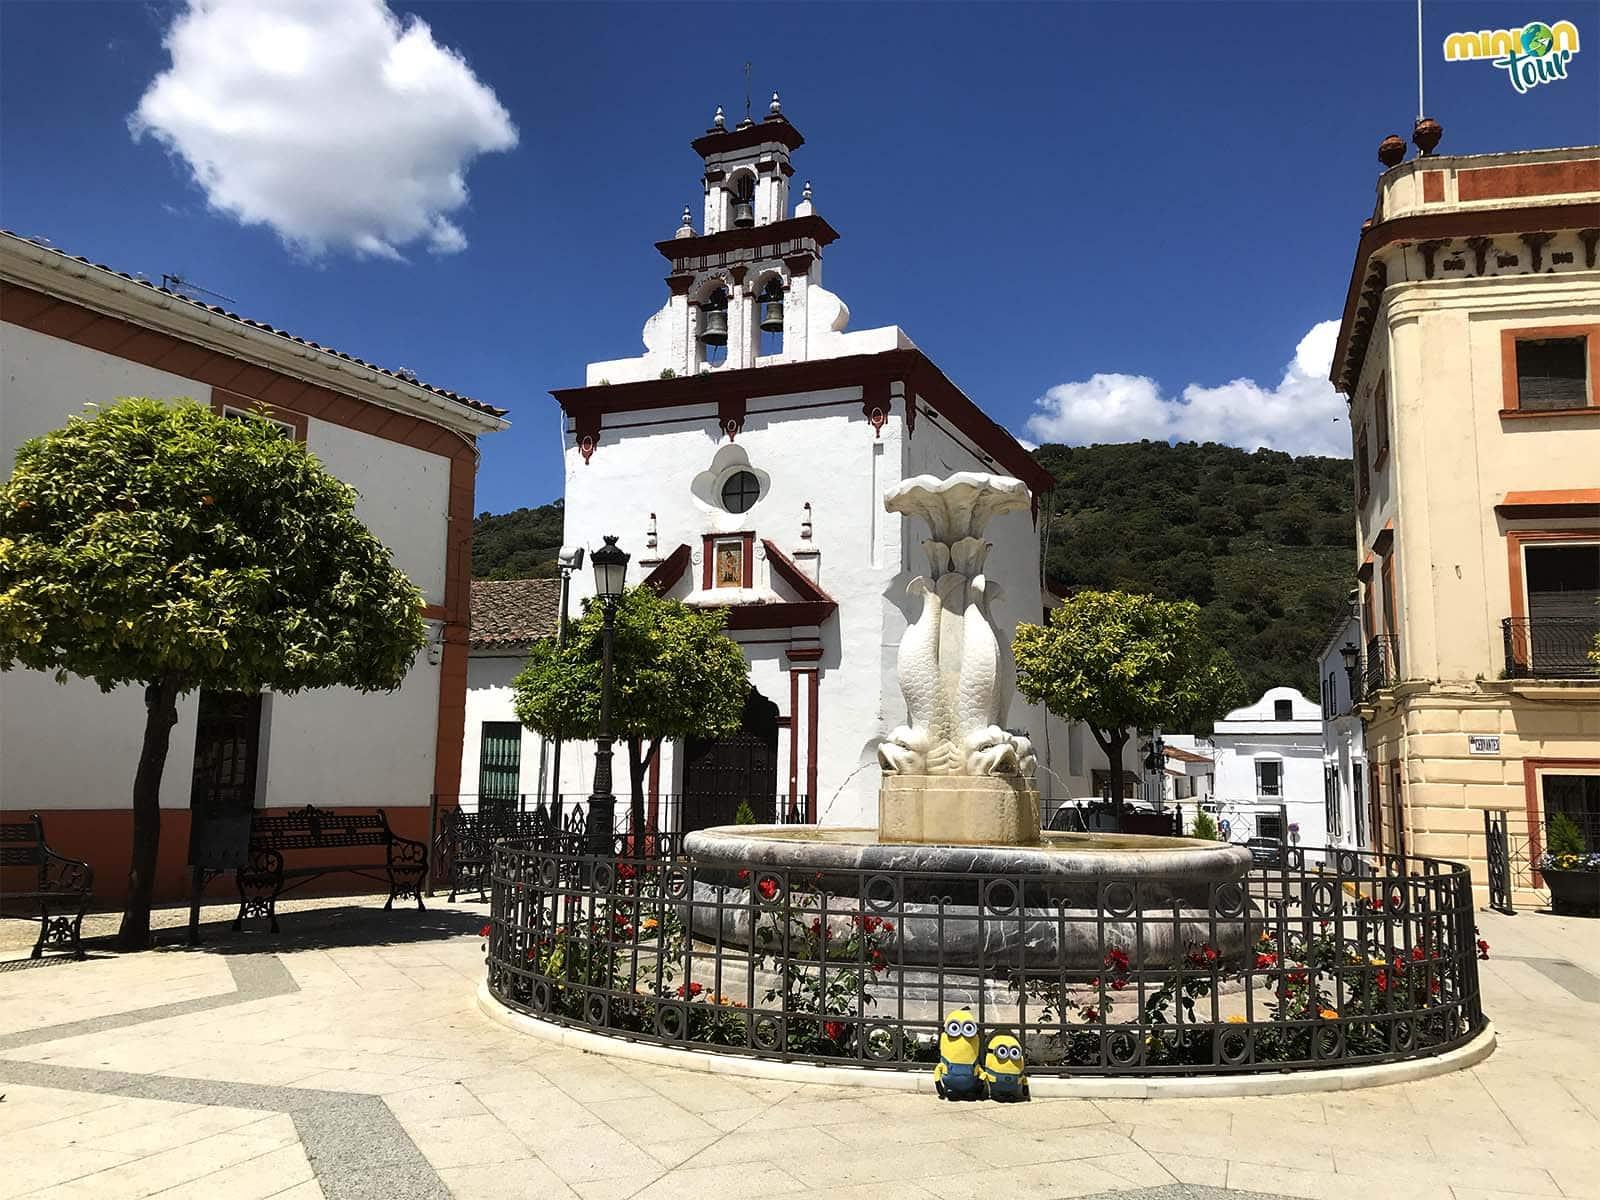 Otra de los lugares que tienes que ver en Almonaster la Real es la Capilla de la Santísima Trinidad